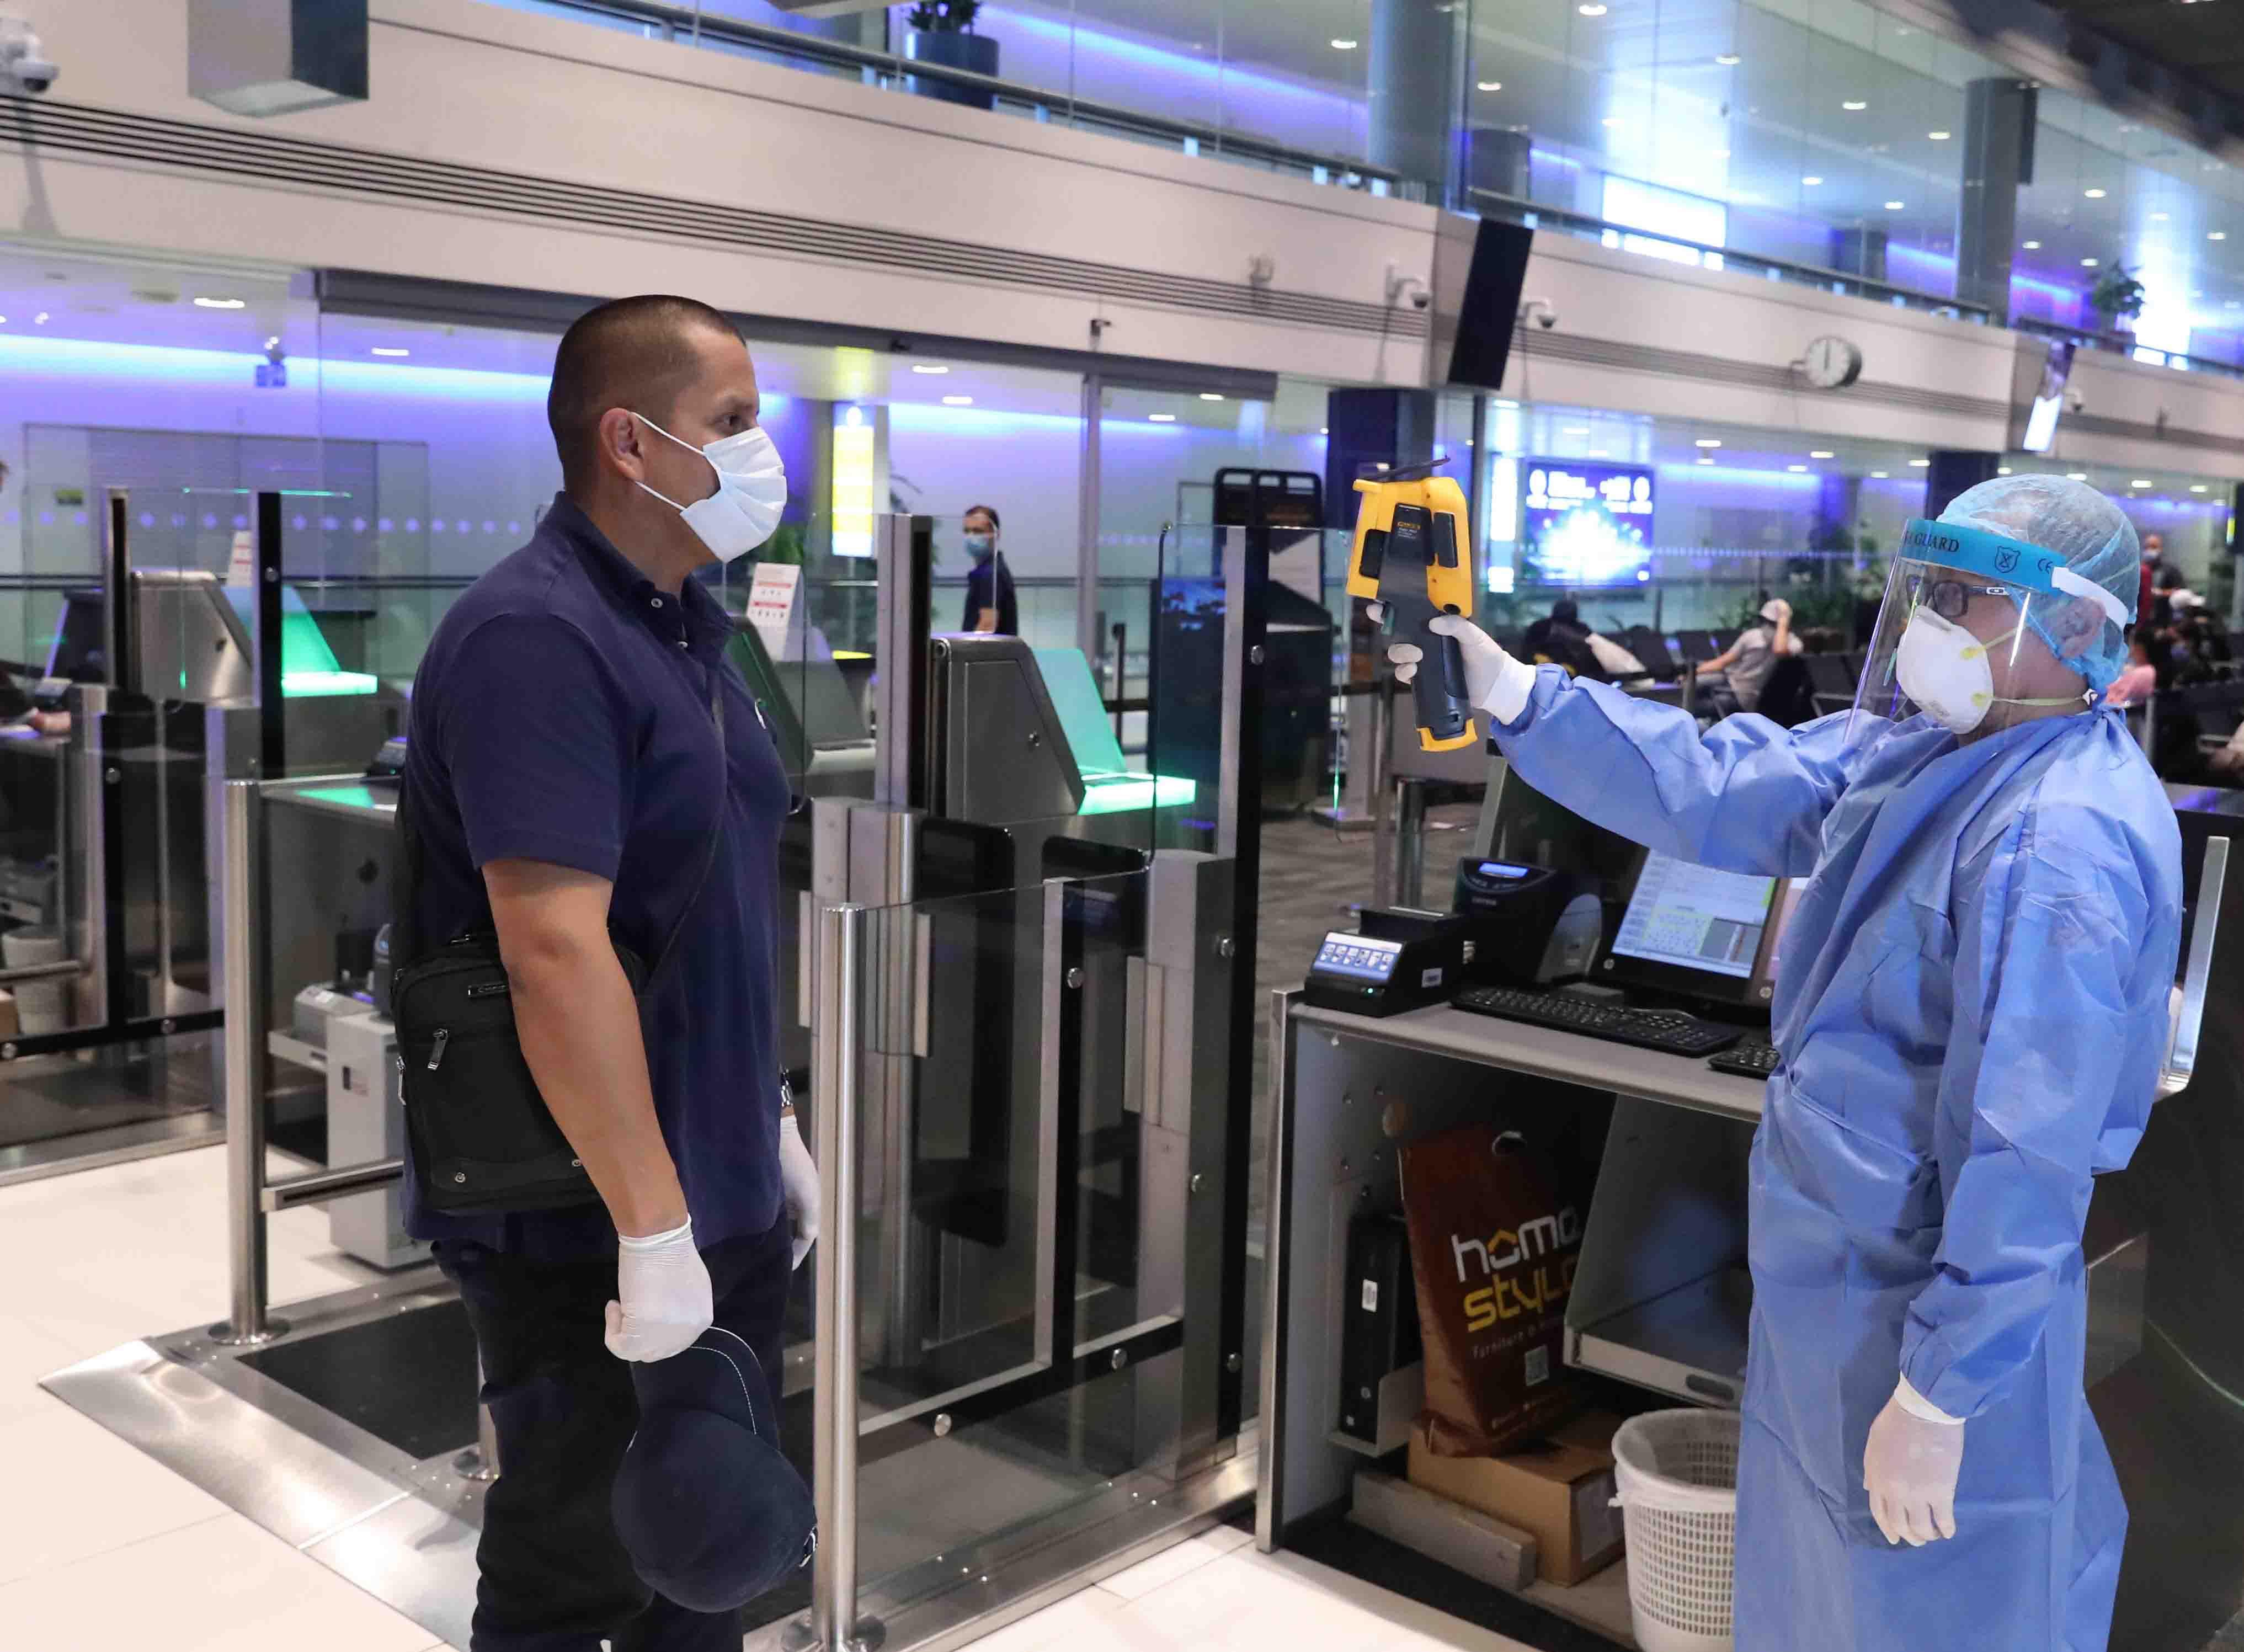 الإمارات ترسل طائرة مساعدات إلى كولومبيا لدعمها في مواجهة فيروس كورونا المستجد وتعيد المواطنين الكولومبيين إلى بلادهم